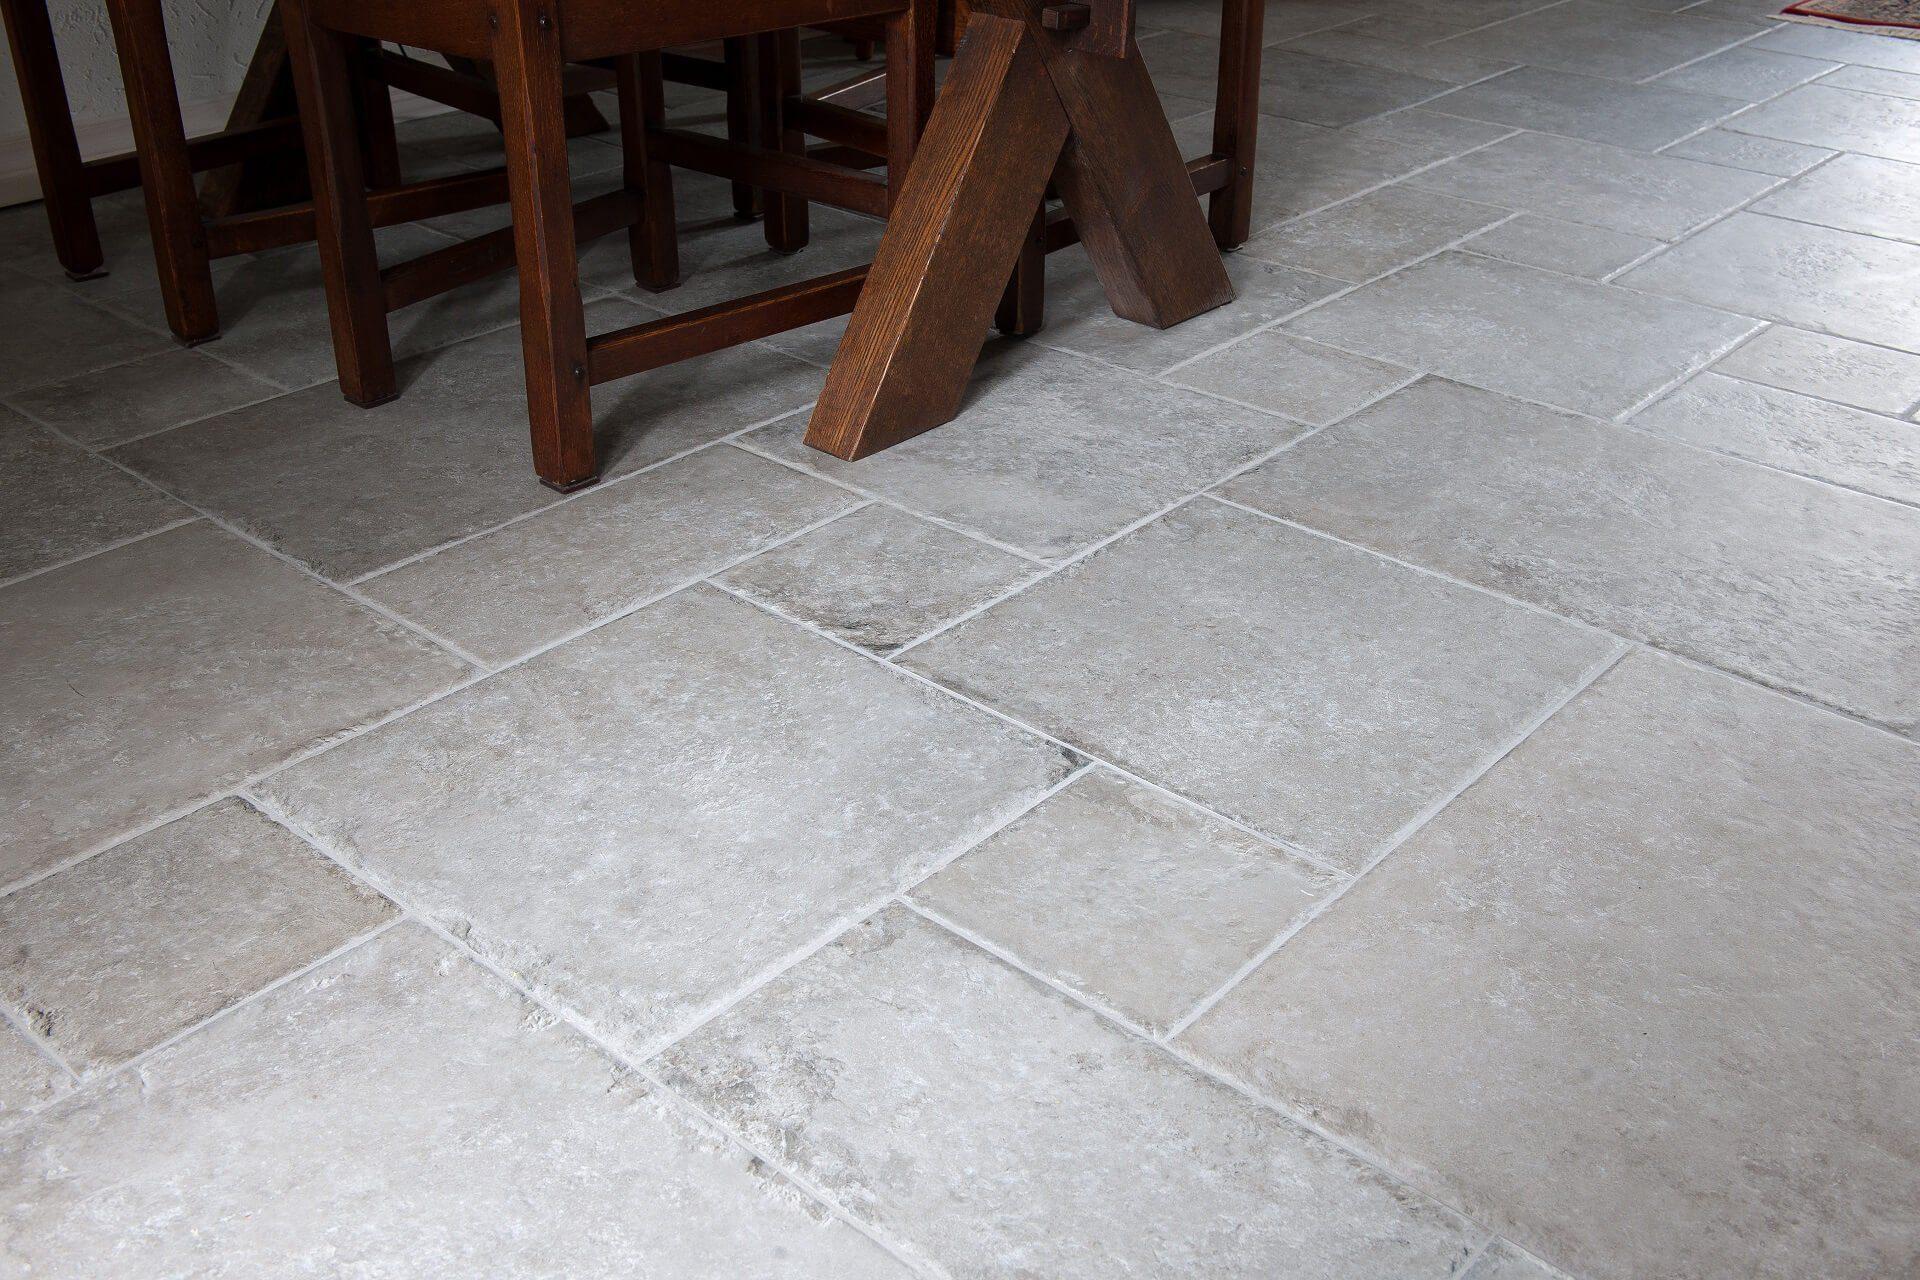 Vloertegels in romaans verband   KROON Vloeren in Steen